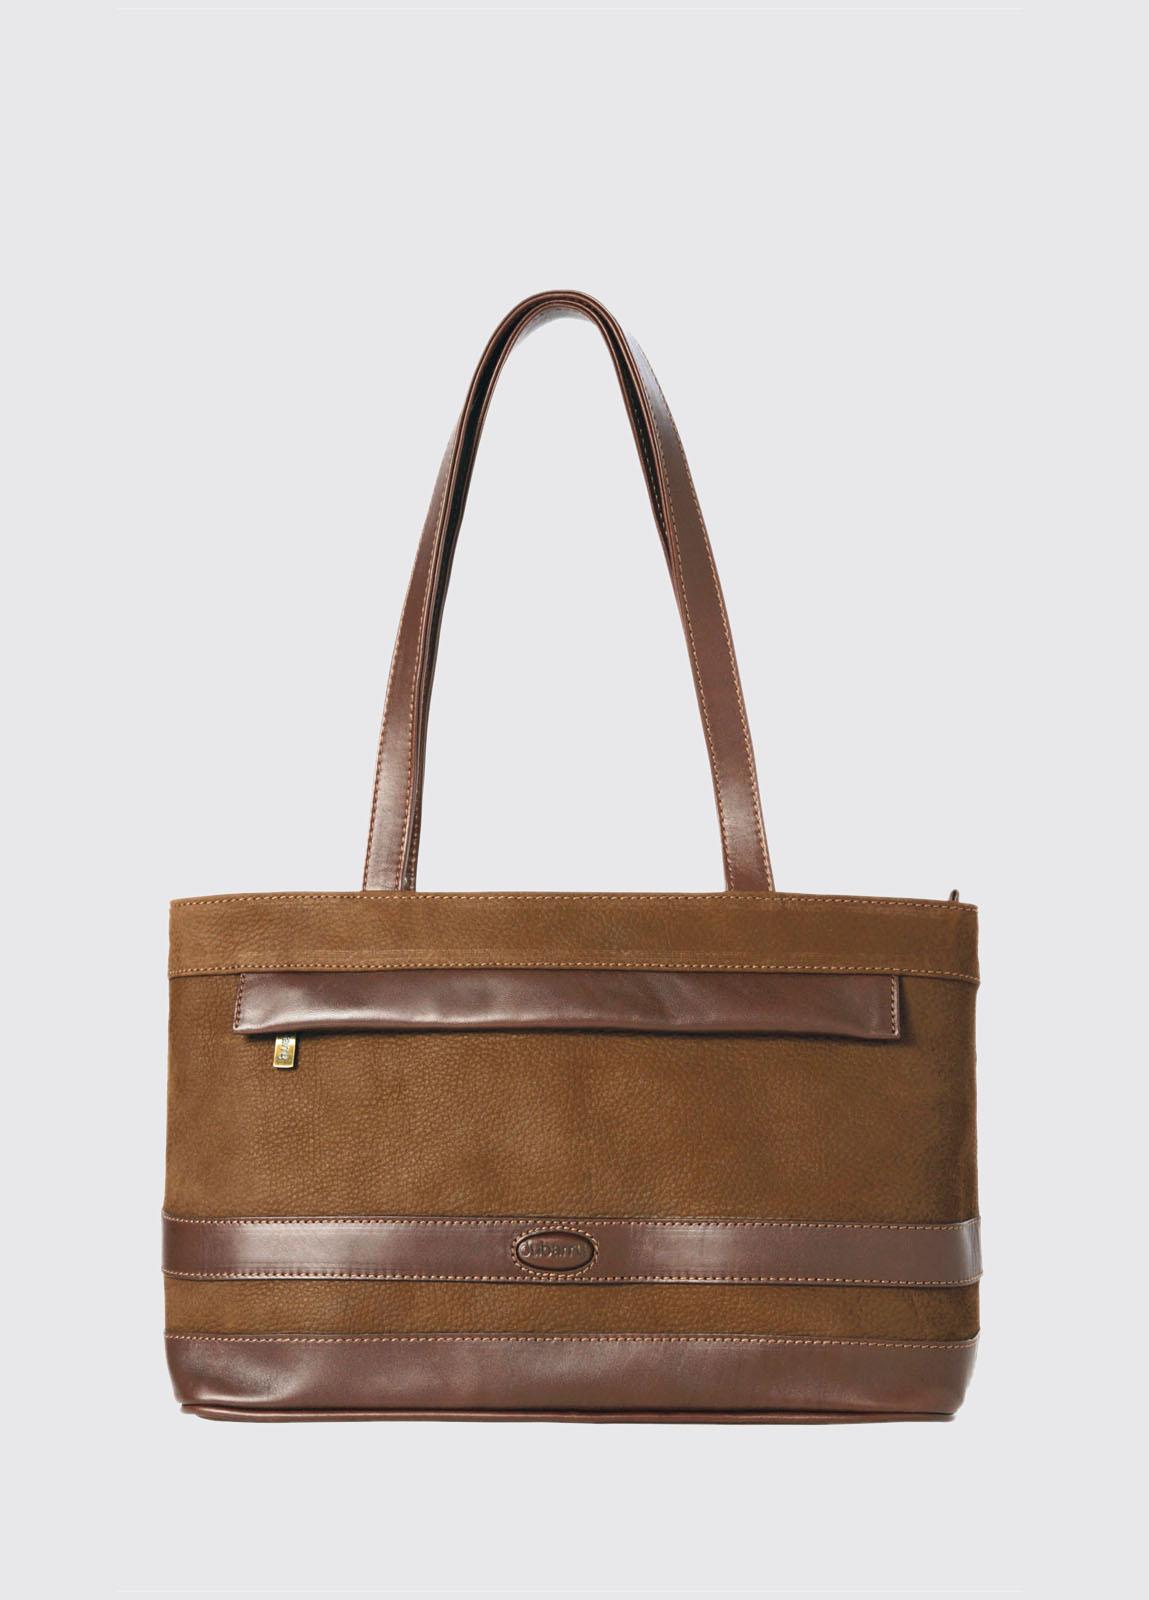 Dalkey Handbag - Walnut